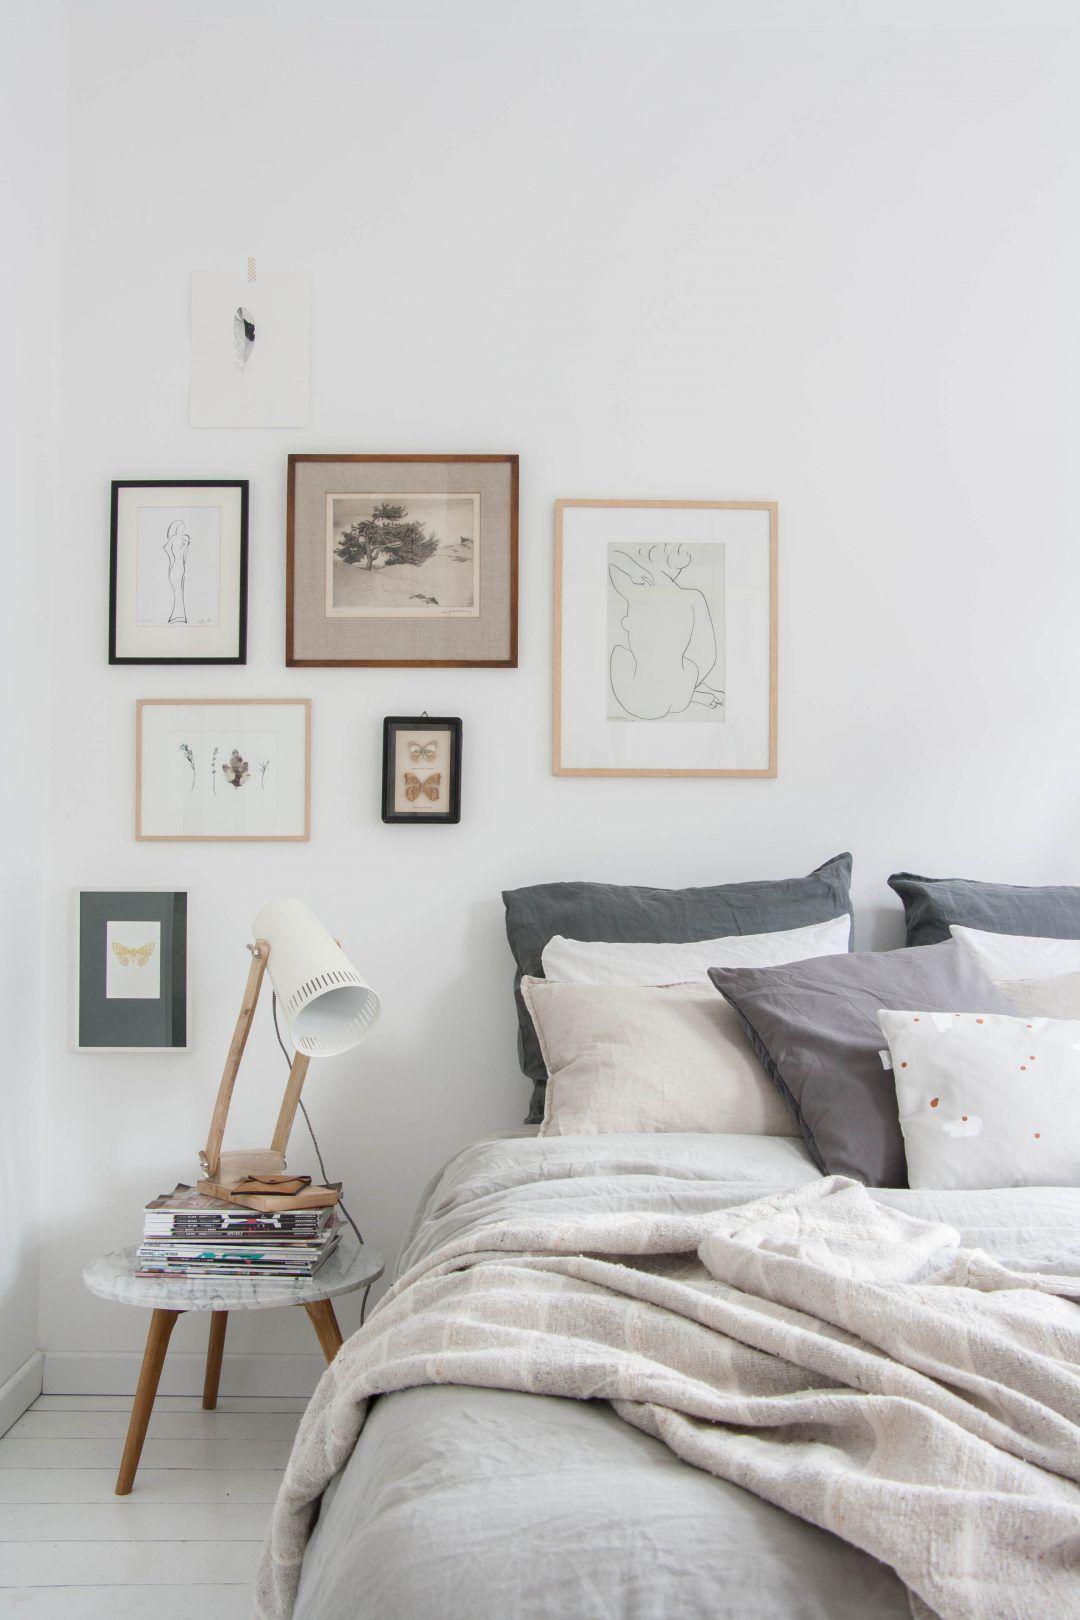 Wonderful Reforma Dormitorios Estilo Nórdico Escandinavo Diy Deco Decoración En  Blanco Decoración Dormitorio Nórdico Cambiar Colores Dormitorio